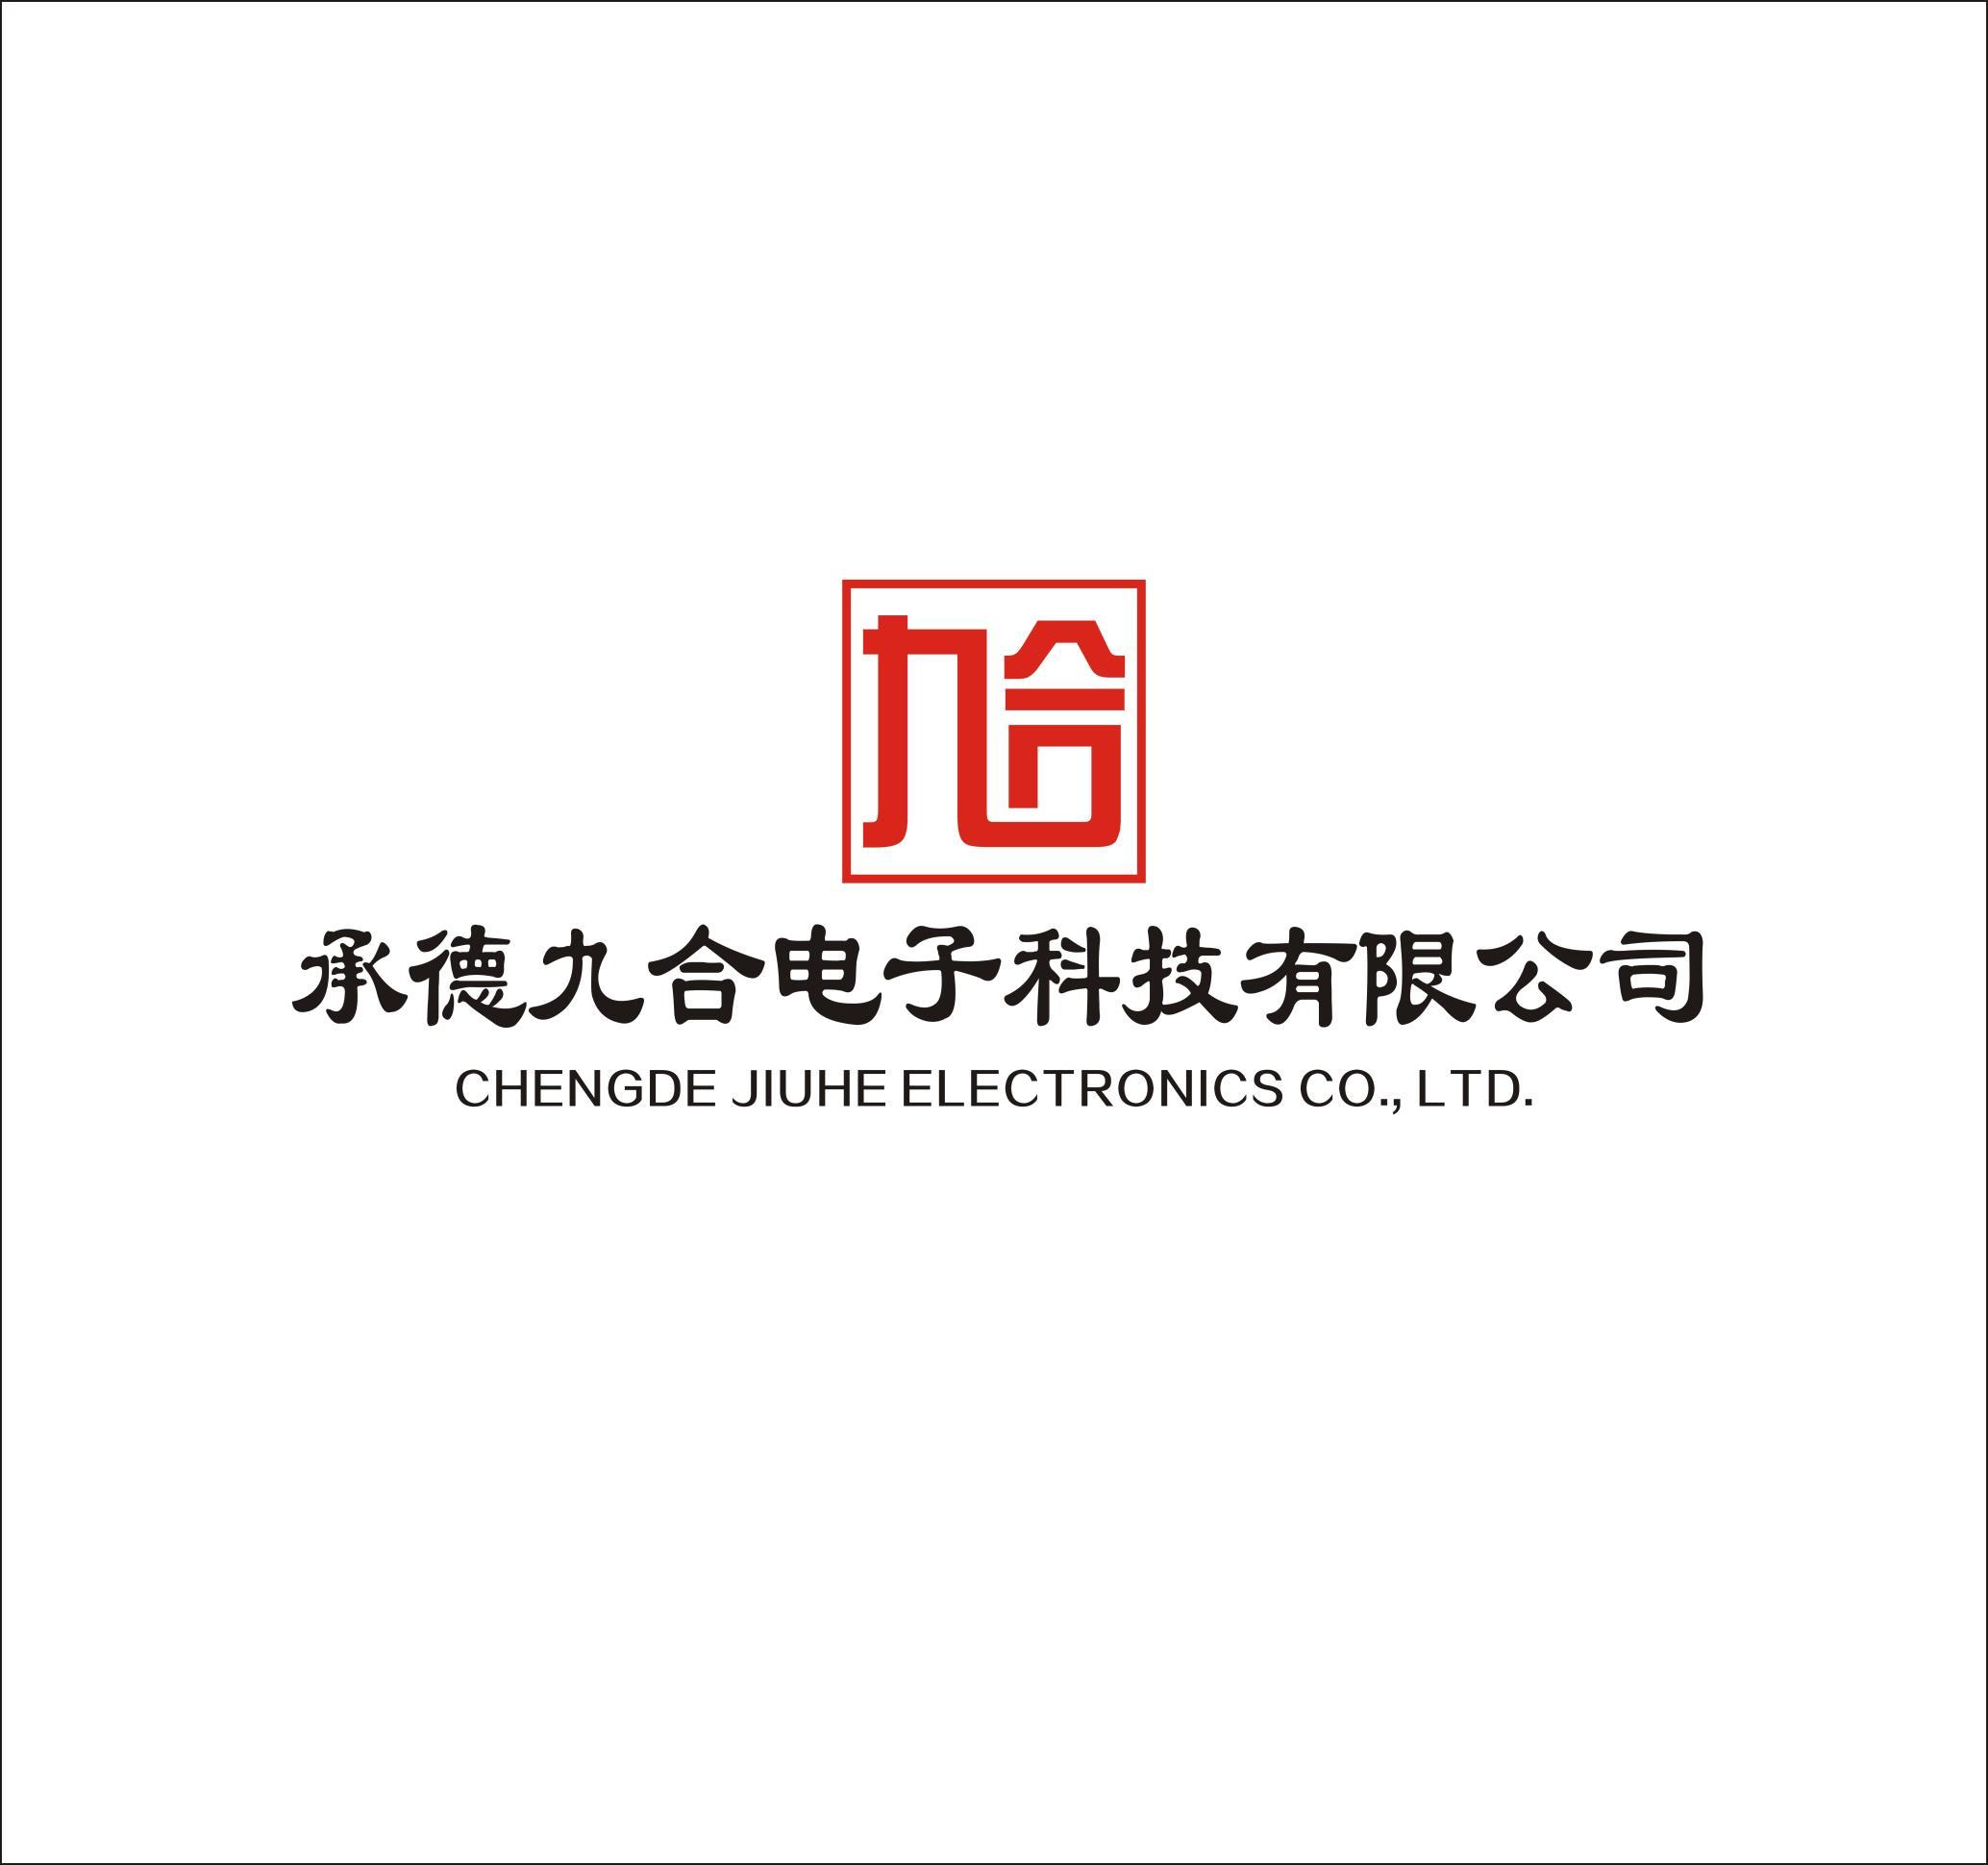 承德九合电子科技有限公司